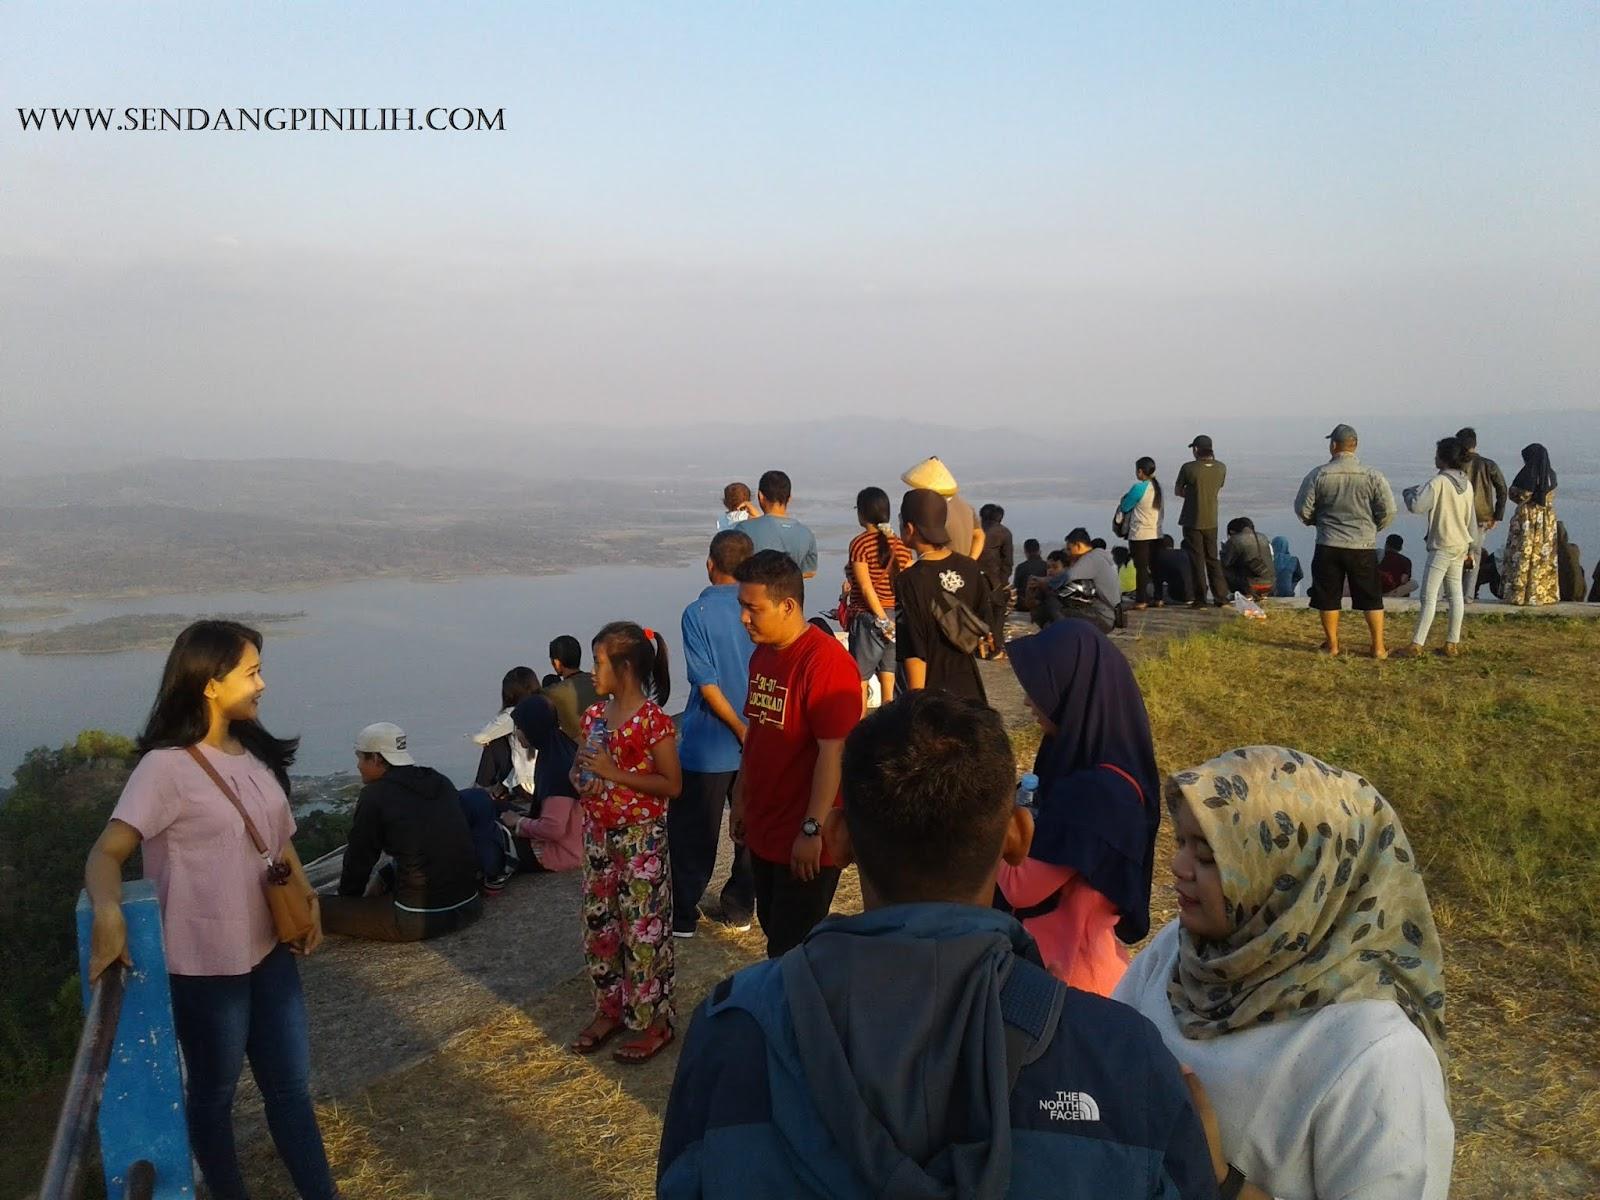 Sendang Pinilih Laporan Kunjungan Wisata Bumdes Kab Sukoharjo